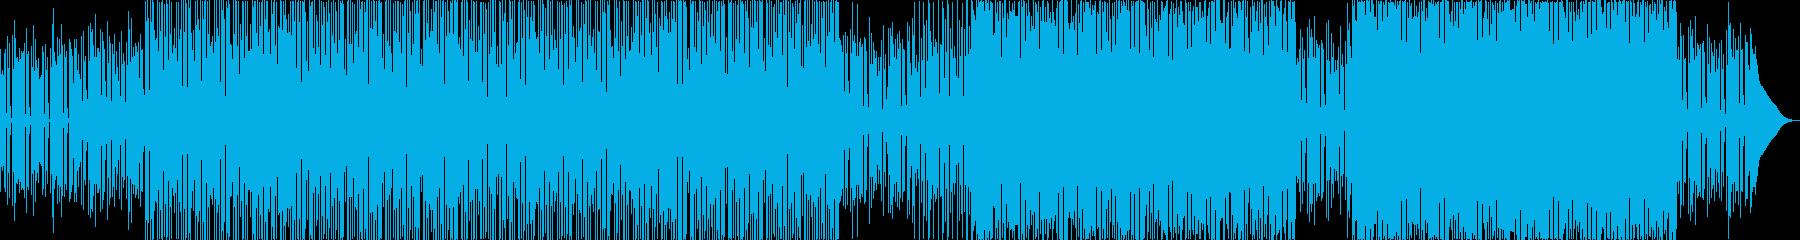 ファンキーでブルージーなおしゃれロックの再生済みの波形